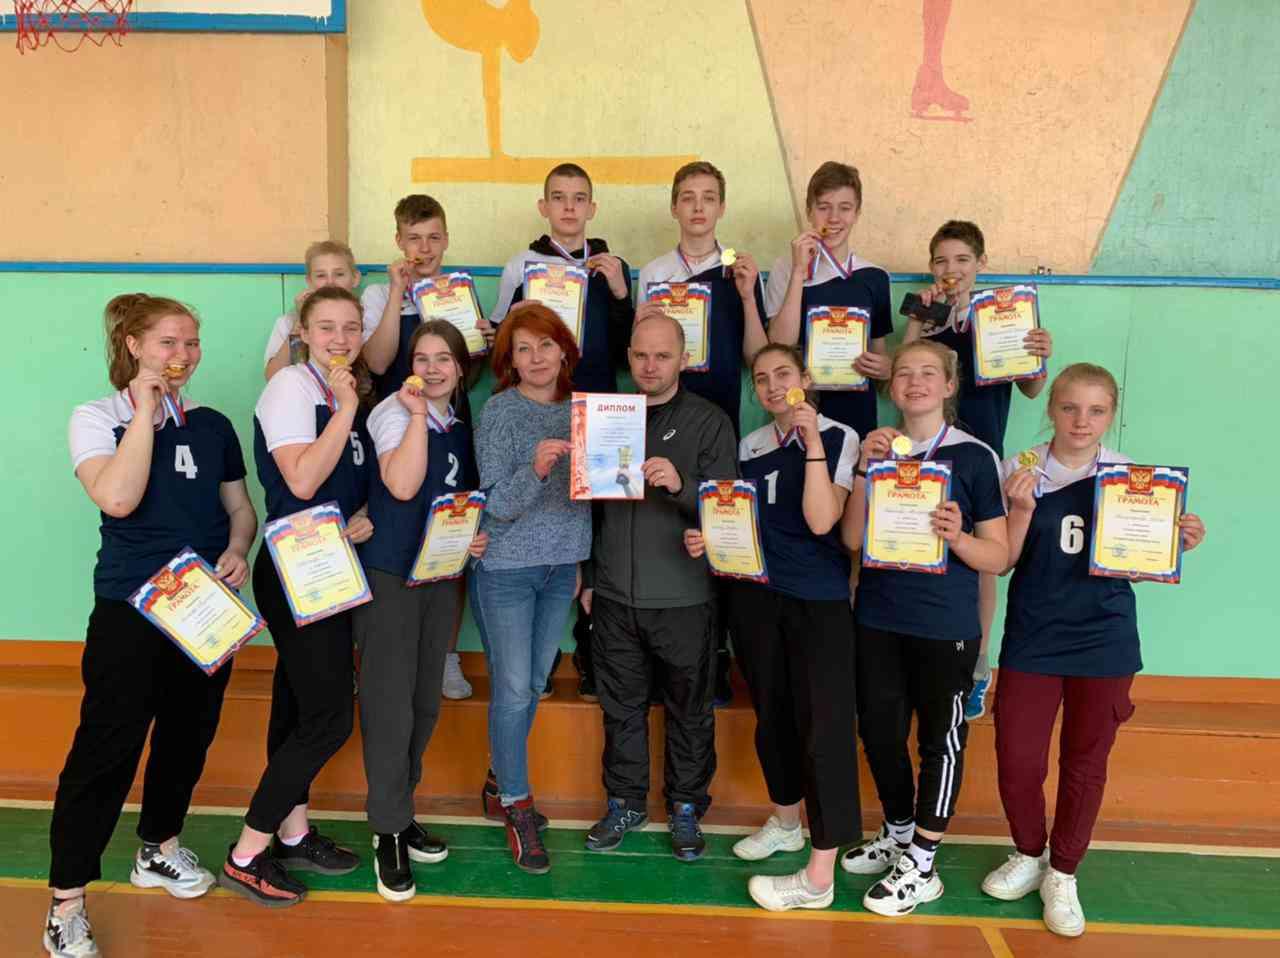 Мичуринцы стали победителями зонального этапа Всероссийских спортивных игр школьников «Президентские спортивные игры»